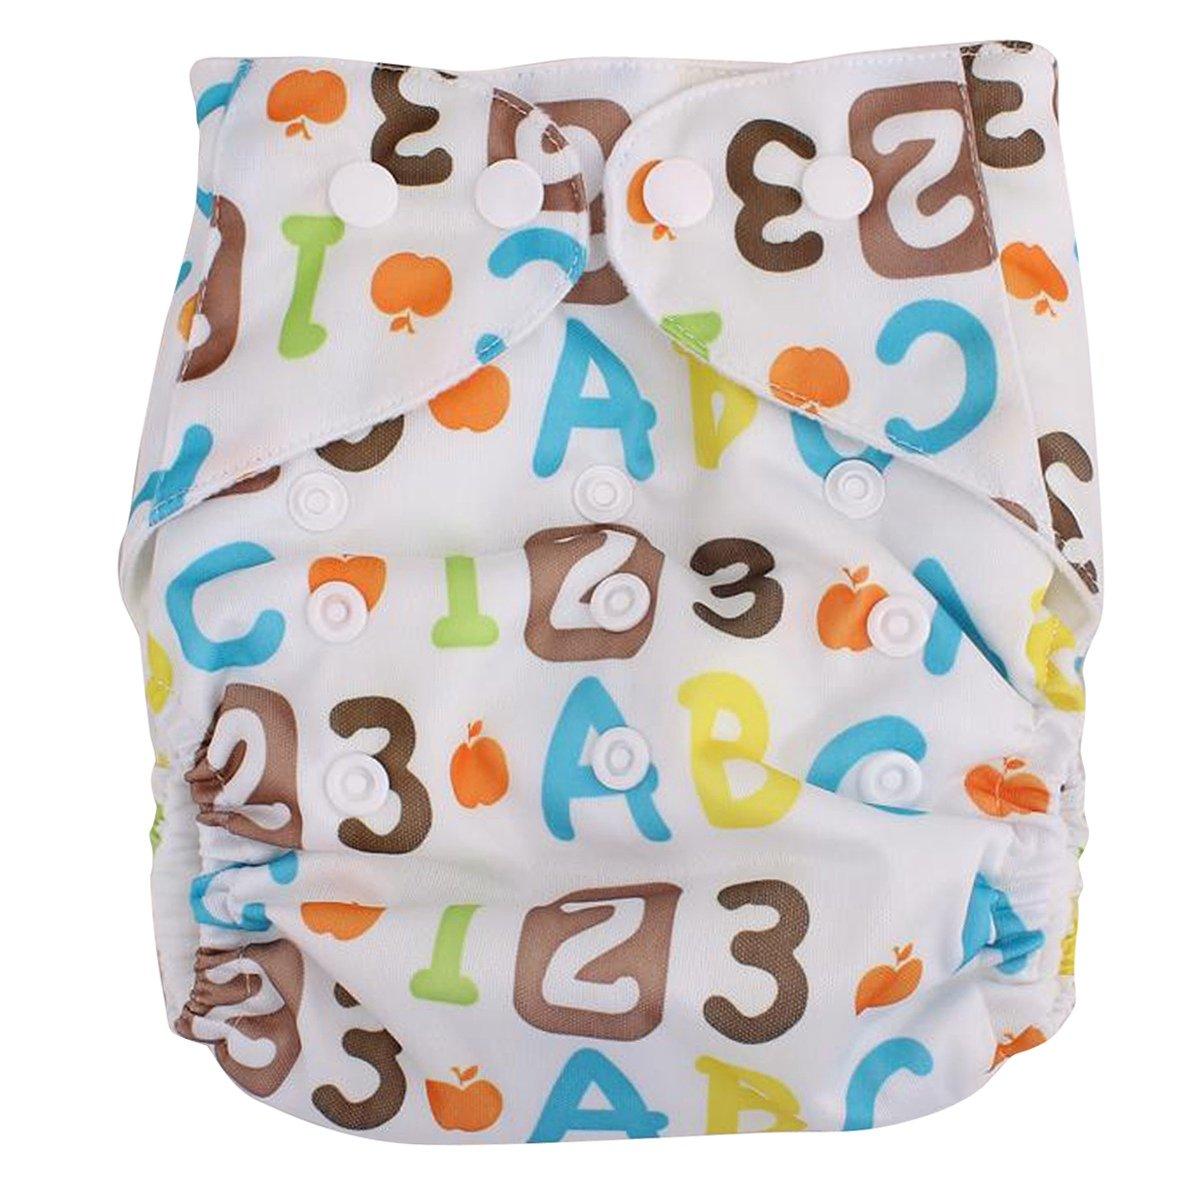 Happy Cherry Pañales Anti Escape Tela Reutilizable Cloth Diaper de Secado Rápido y Lavable para Bebé Niños Niñas